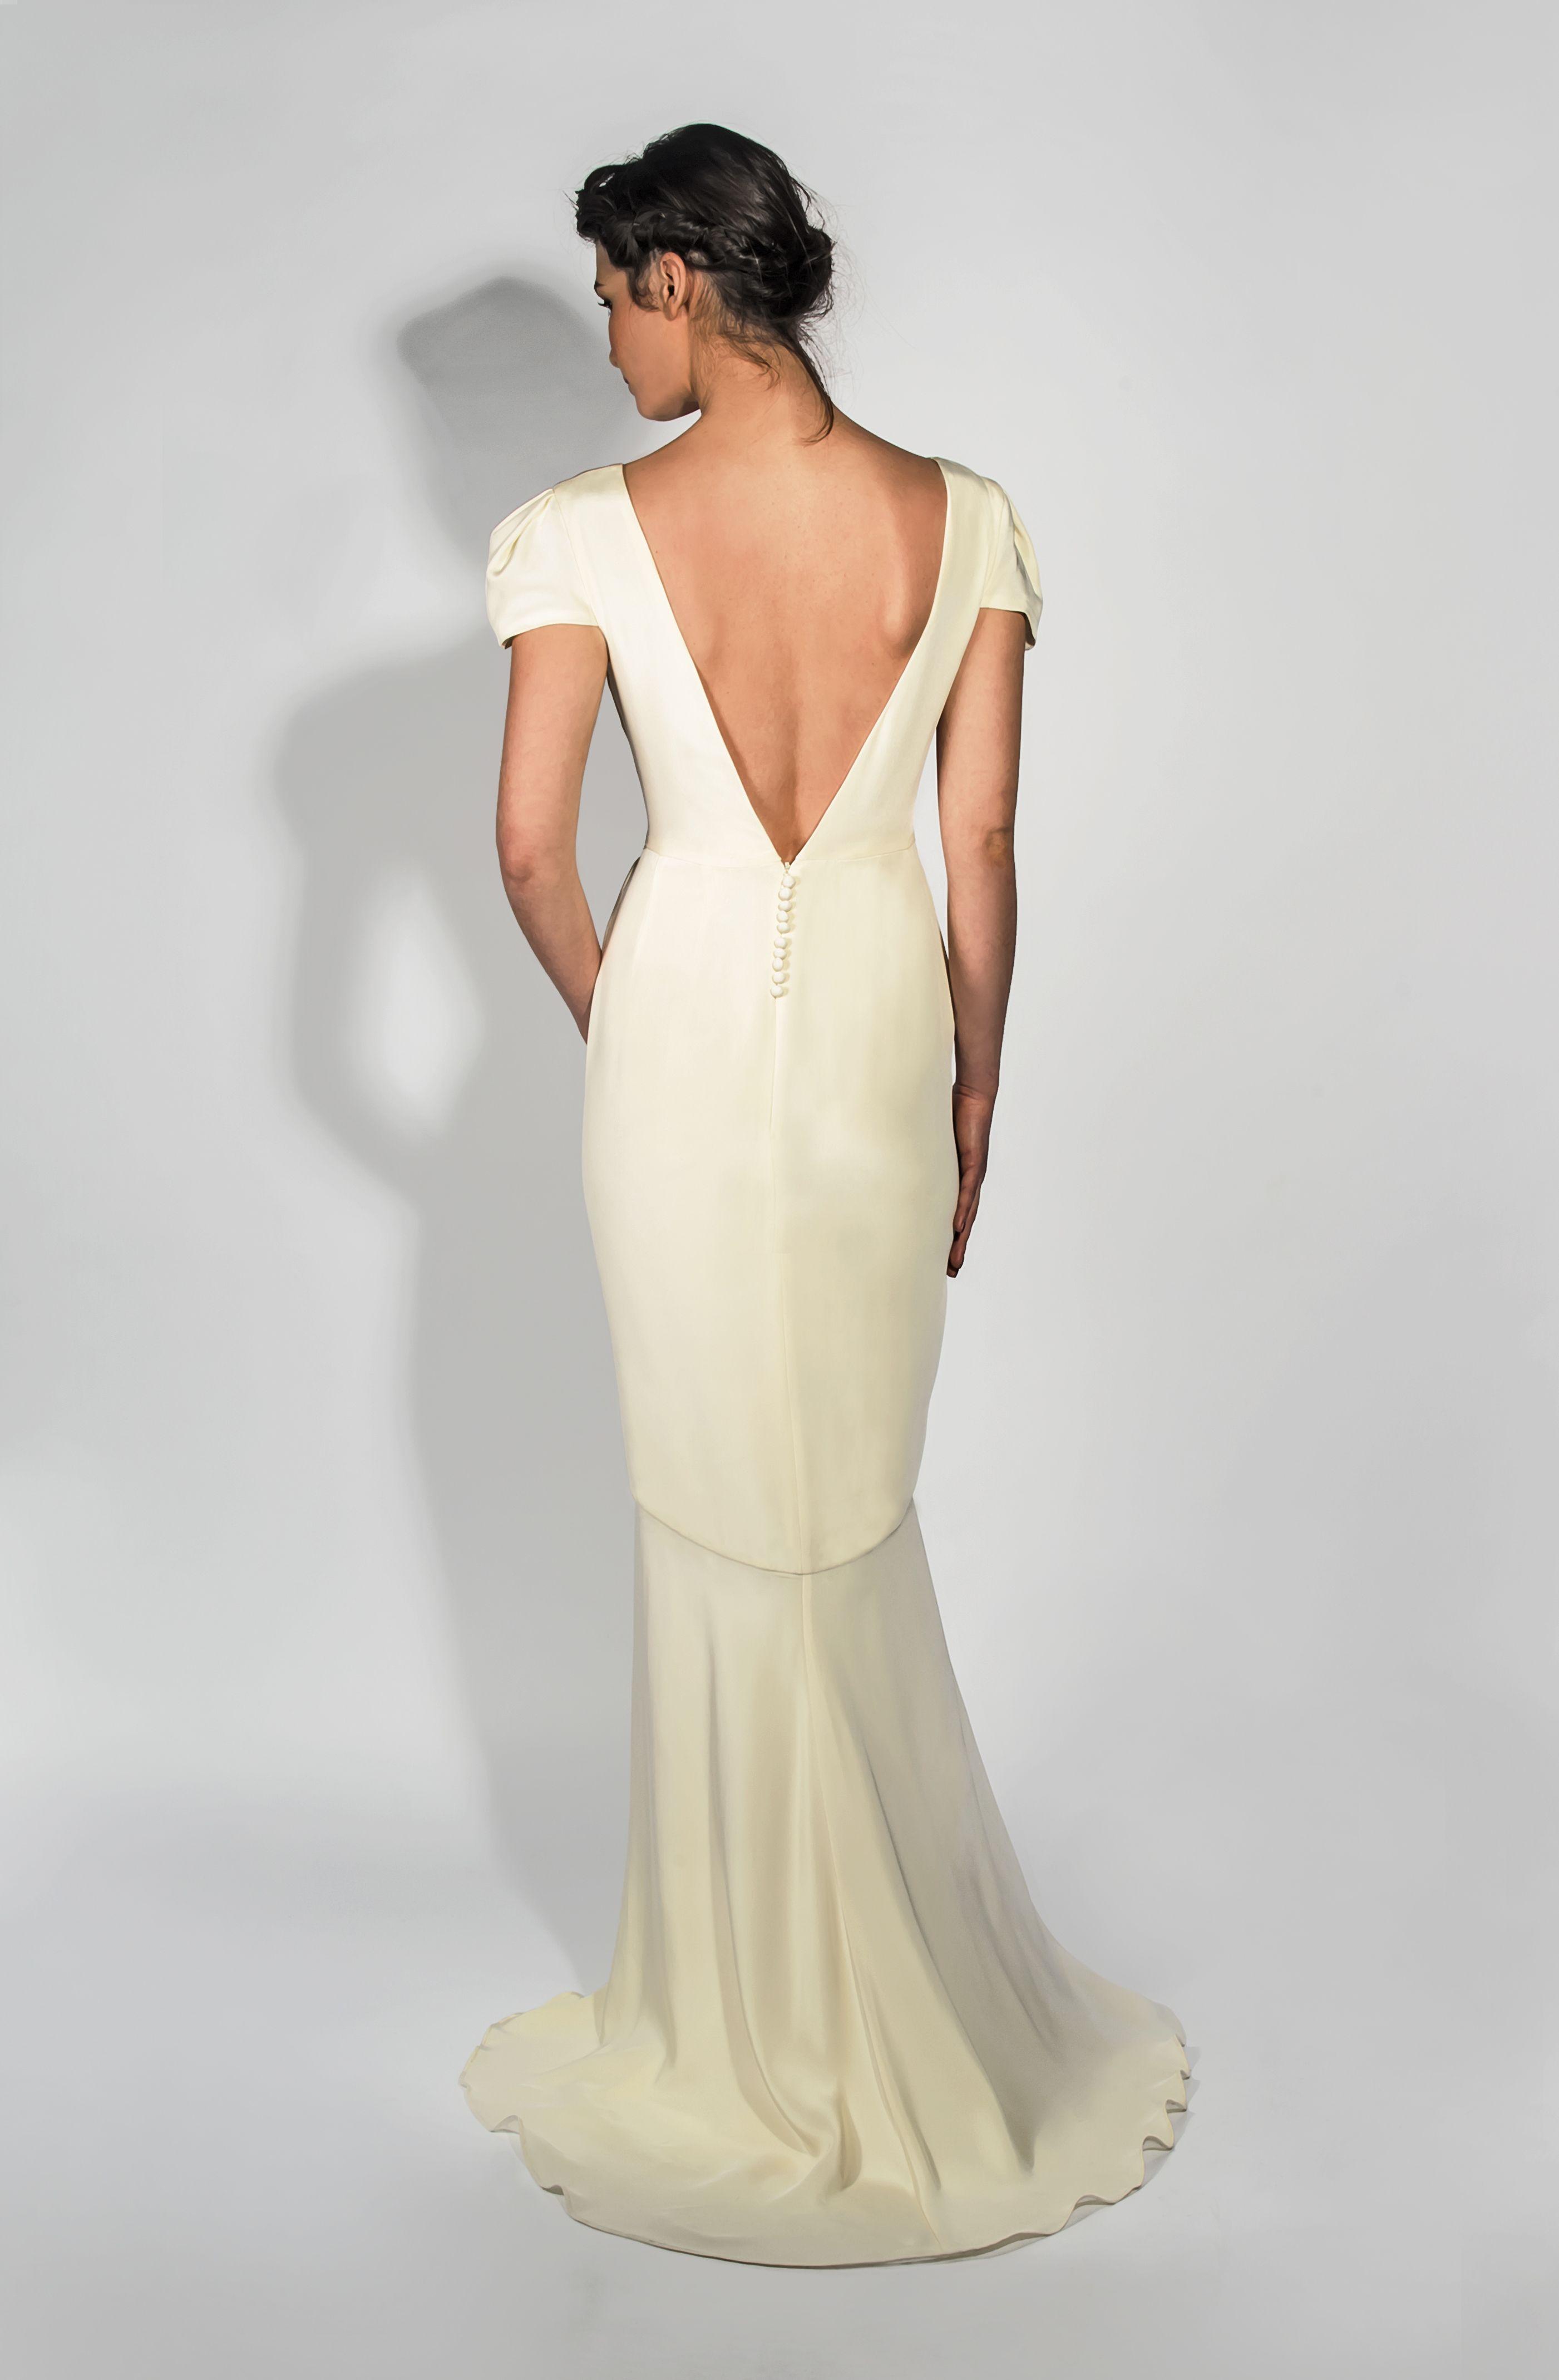 Ss belle bunty vintage inspired modern wedding dresses the maple